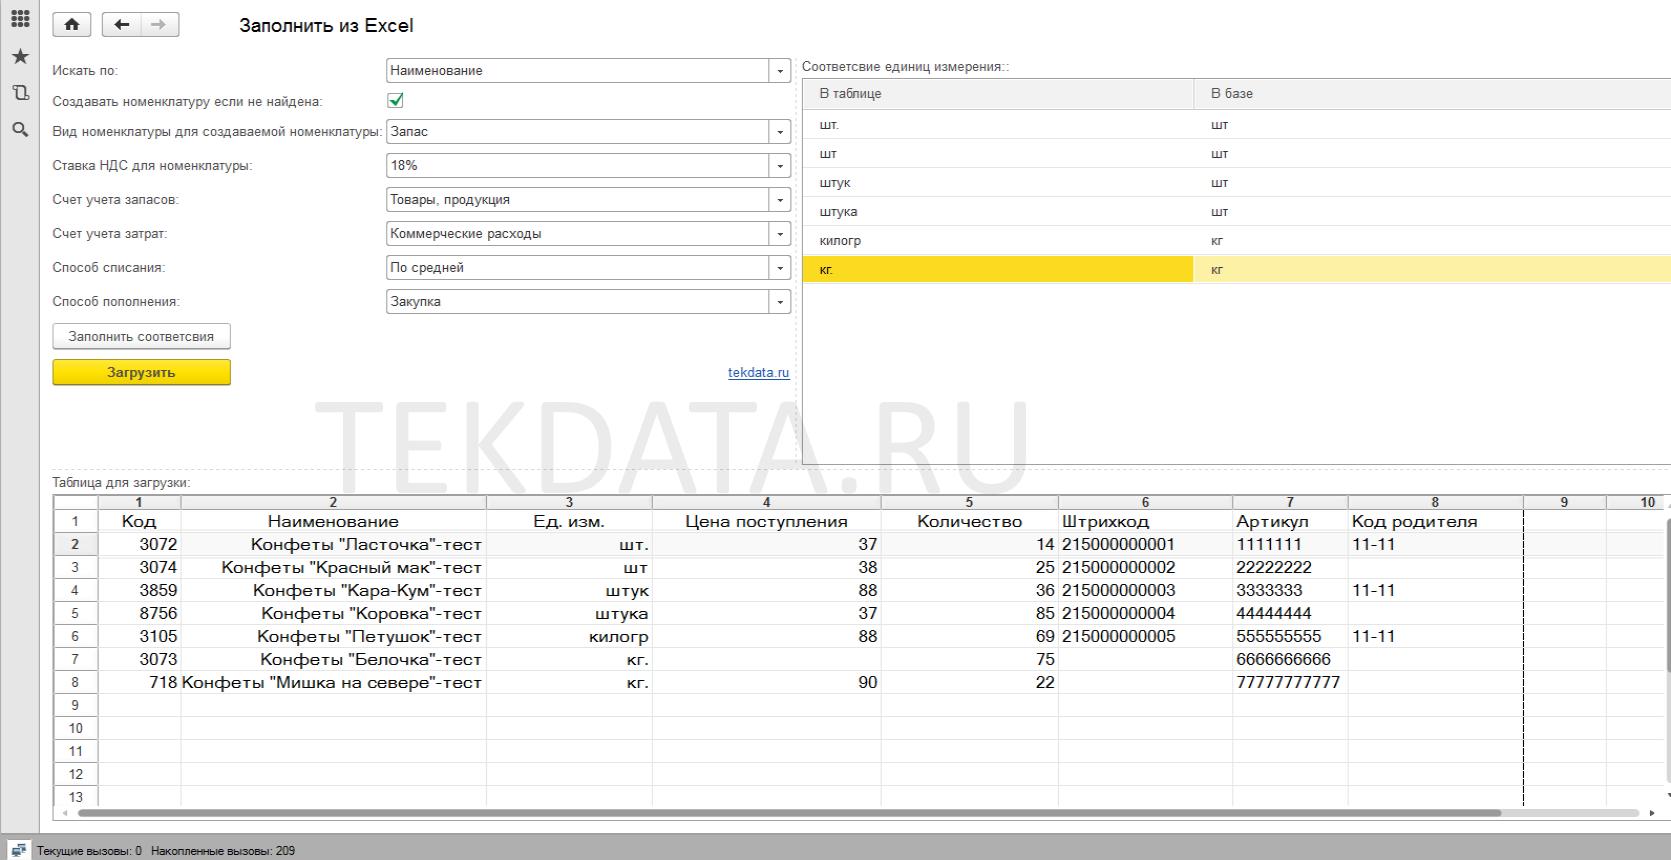 Заполнение документа Приходная накладная из Excel 1С:УНФ 1.6 (Загрузка номенклатуры) (Внешняя обработка)